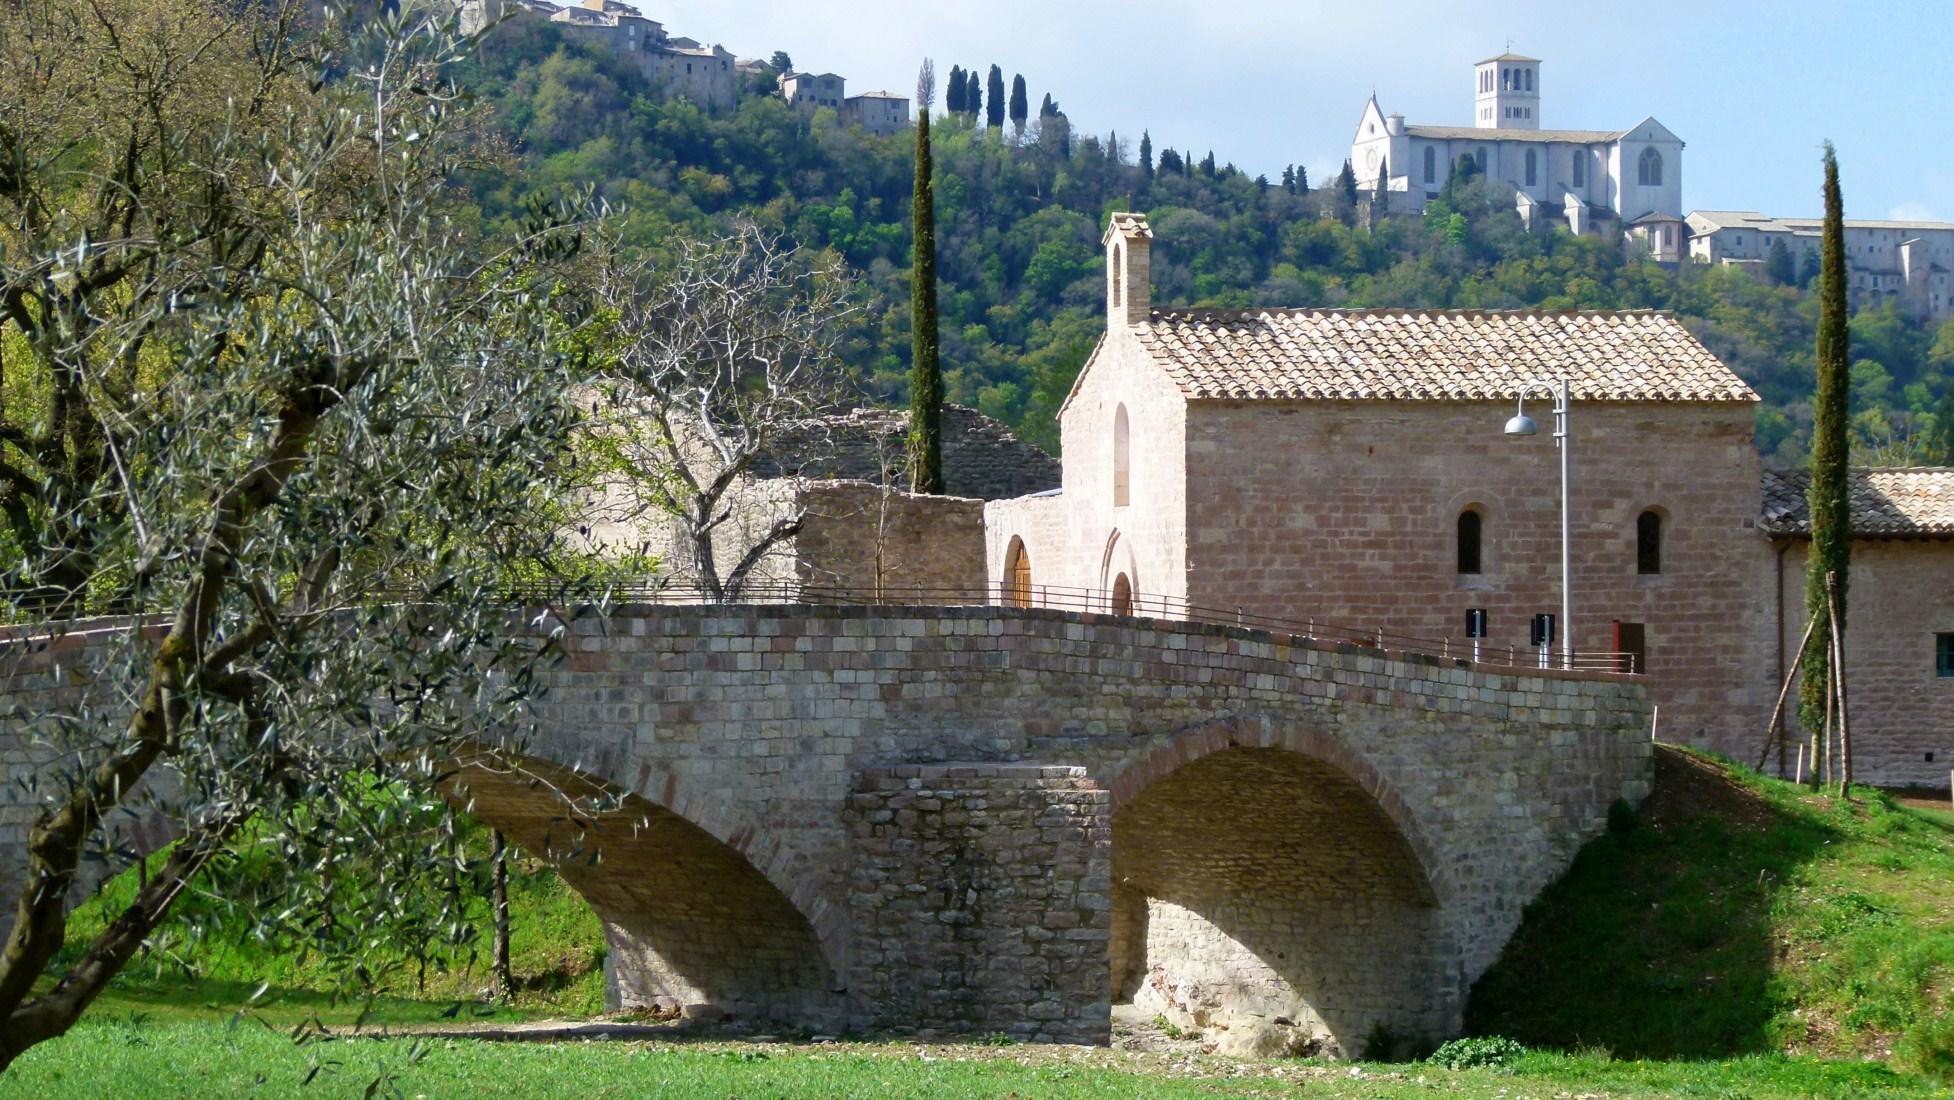 Famiglie in vacanza ad Assisi cosa fare